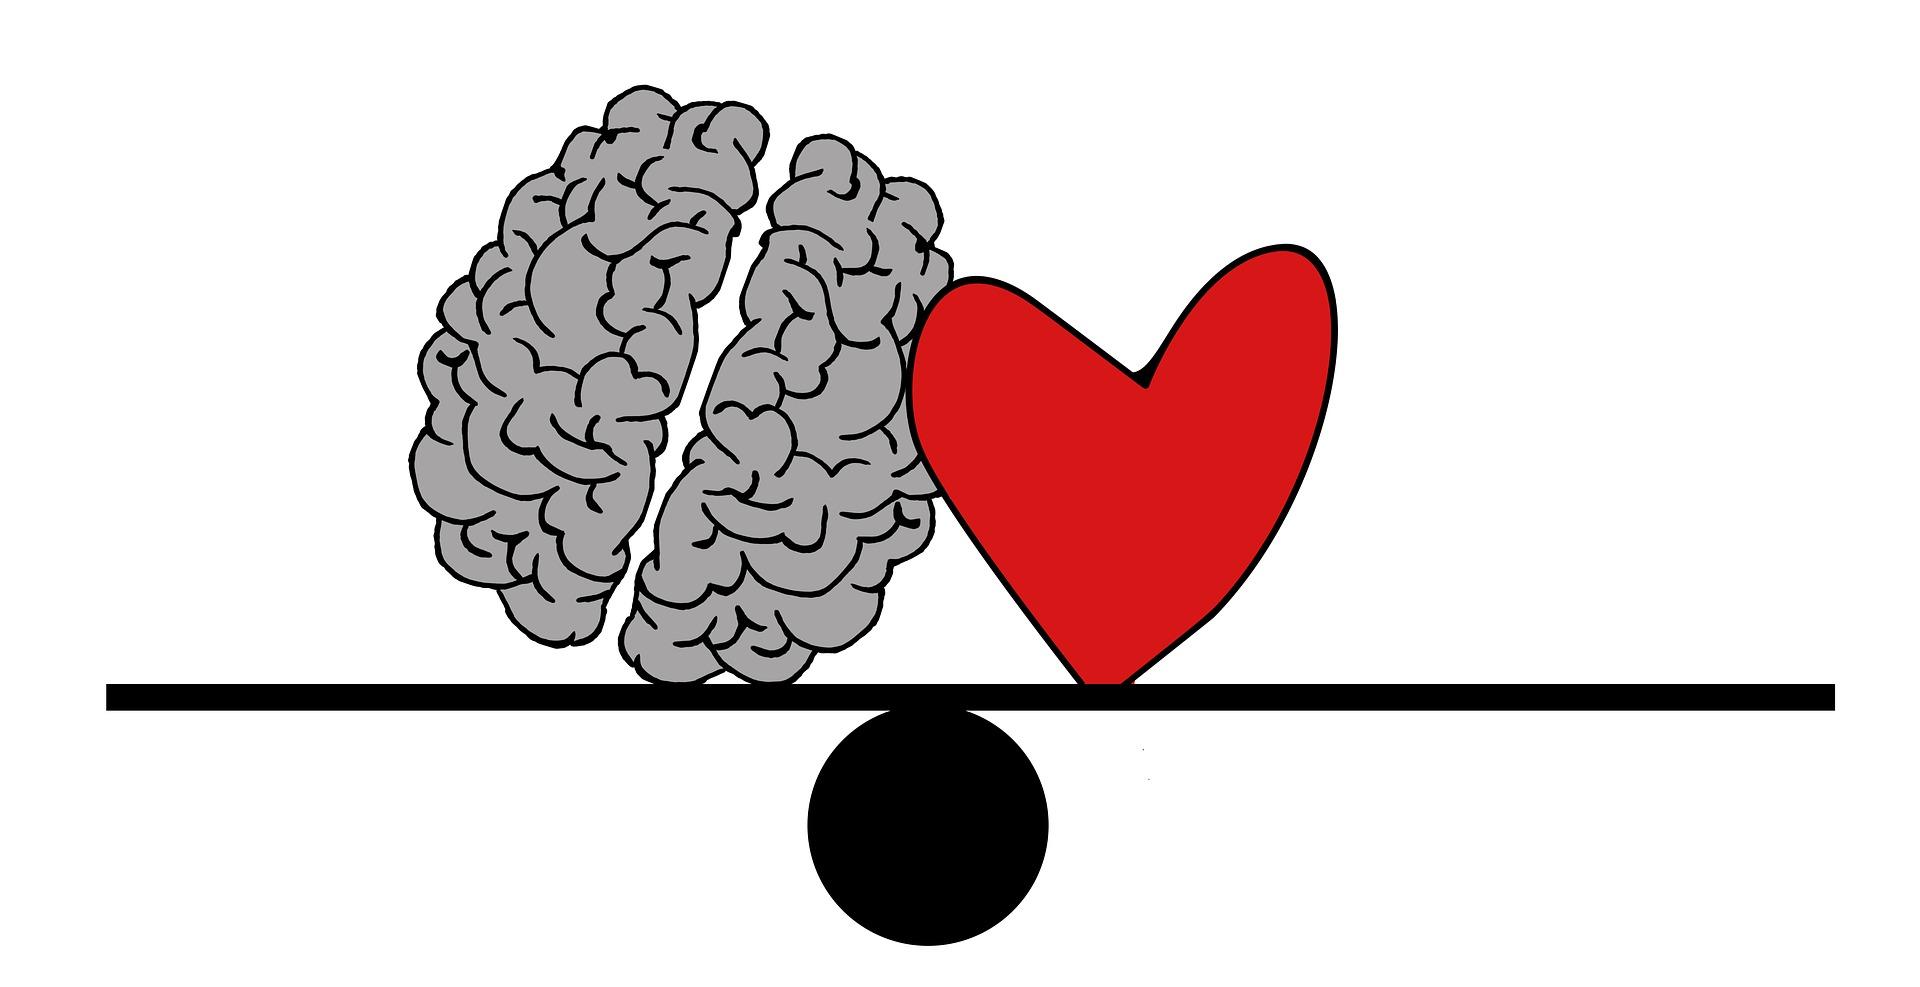 cerveau-coeur